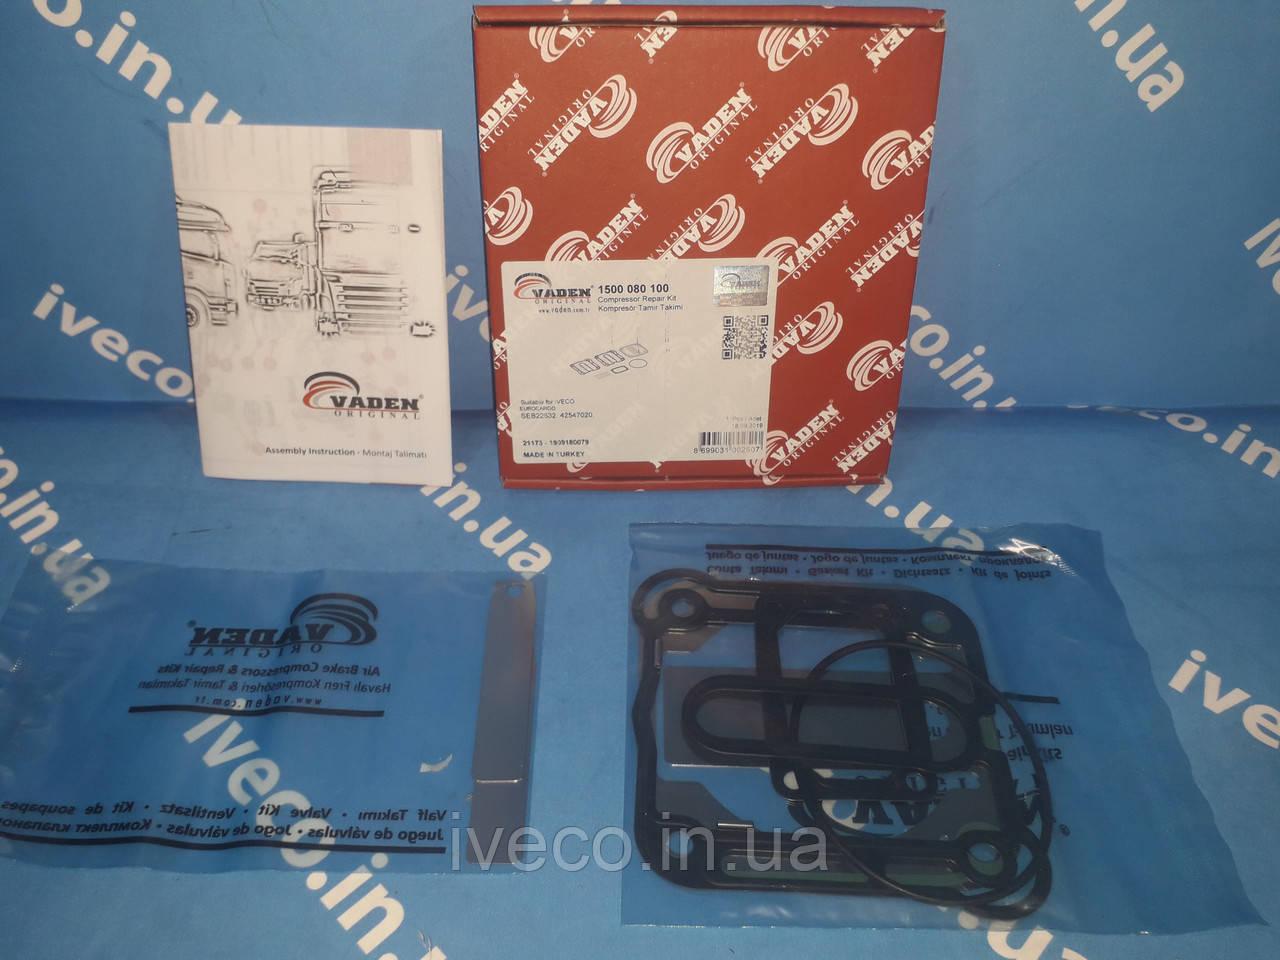 Ремкомплект компресора прокладок с клапанами IVECO Tector 42549207 BA921 1500080100-VDN 1500085100